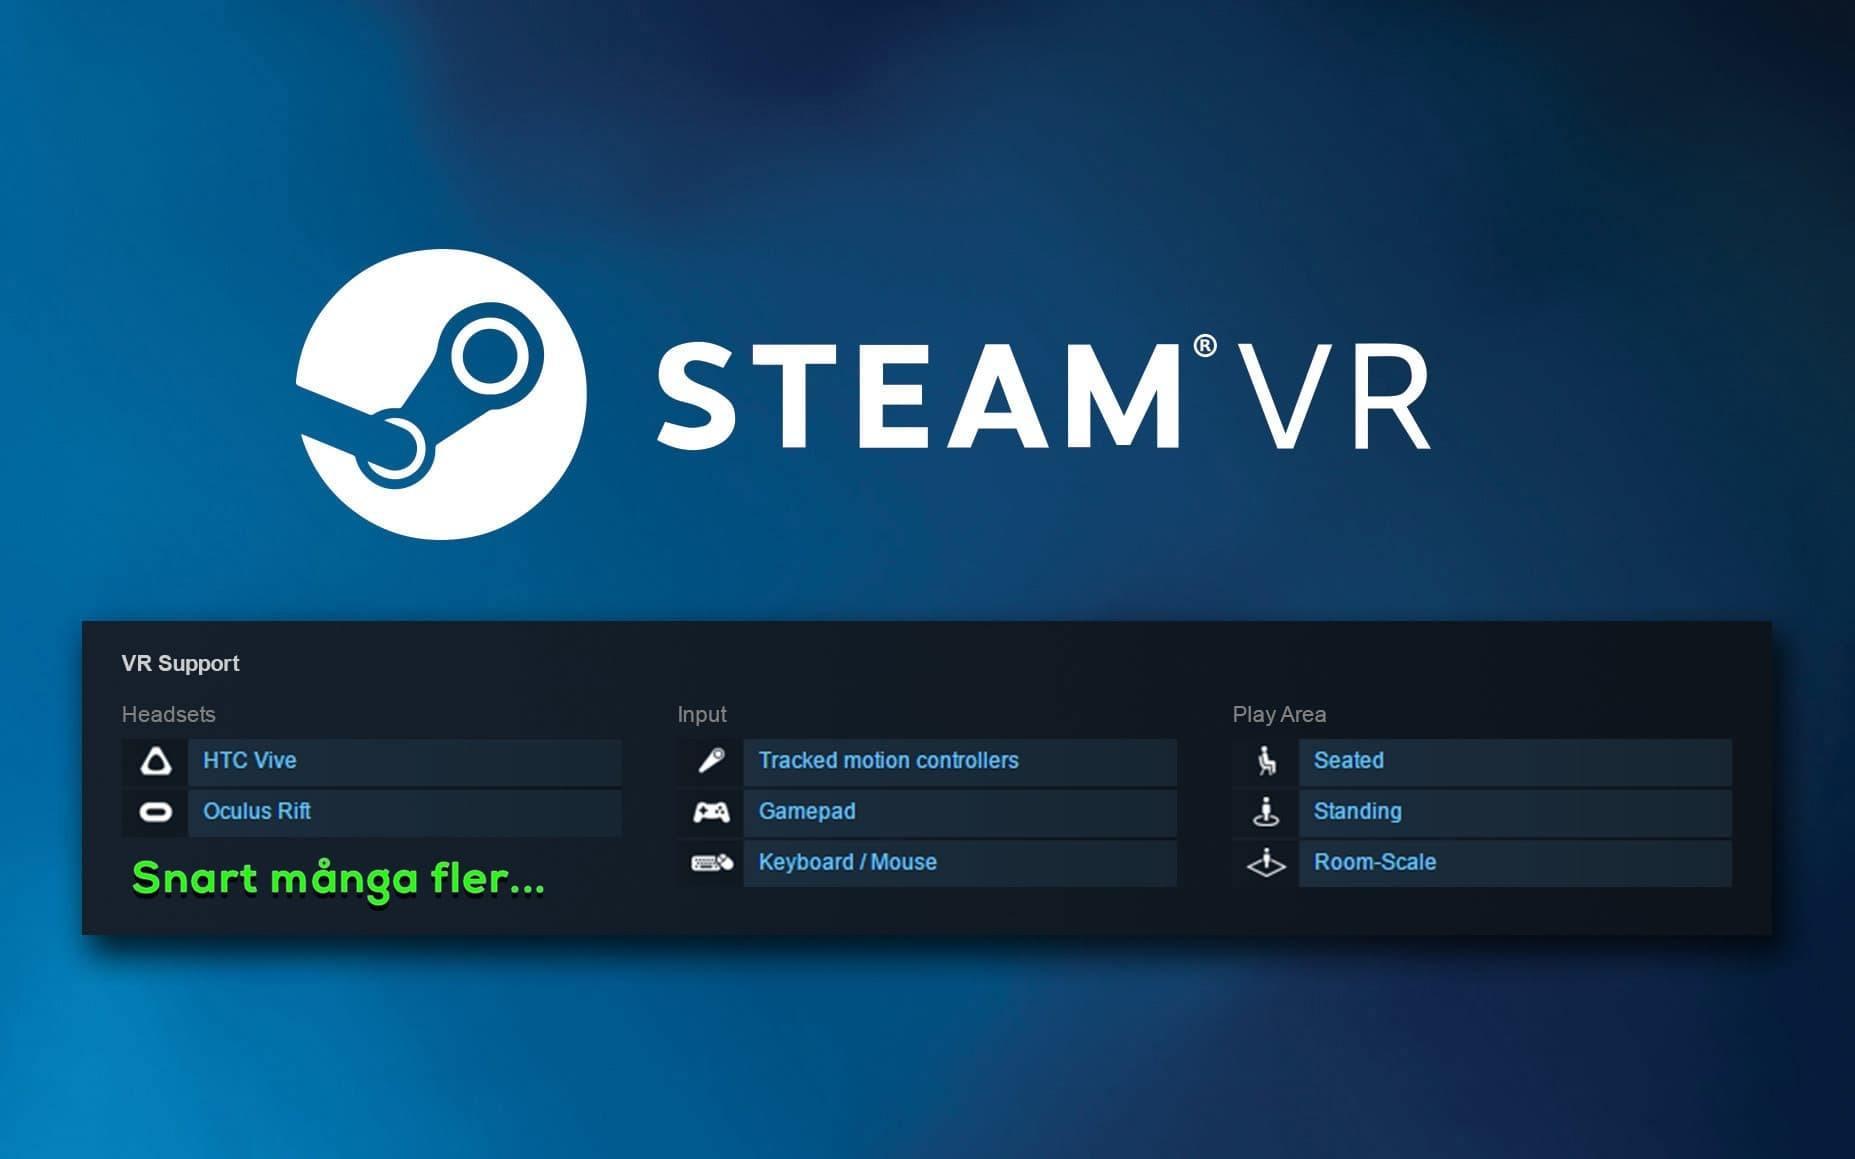 Fler headsets på väg till SteamVR